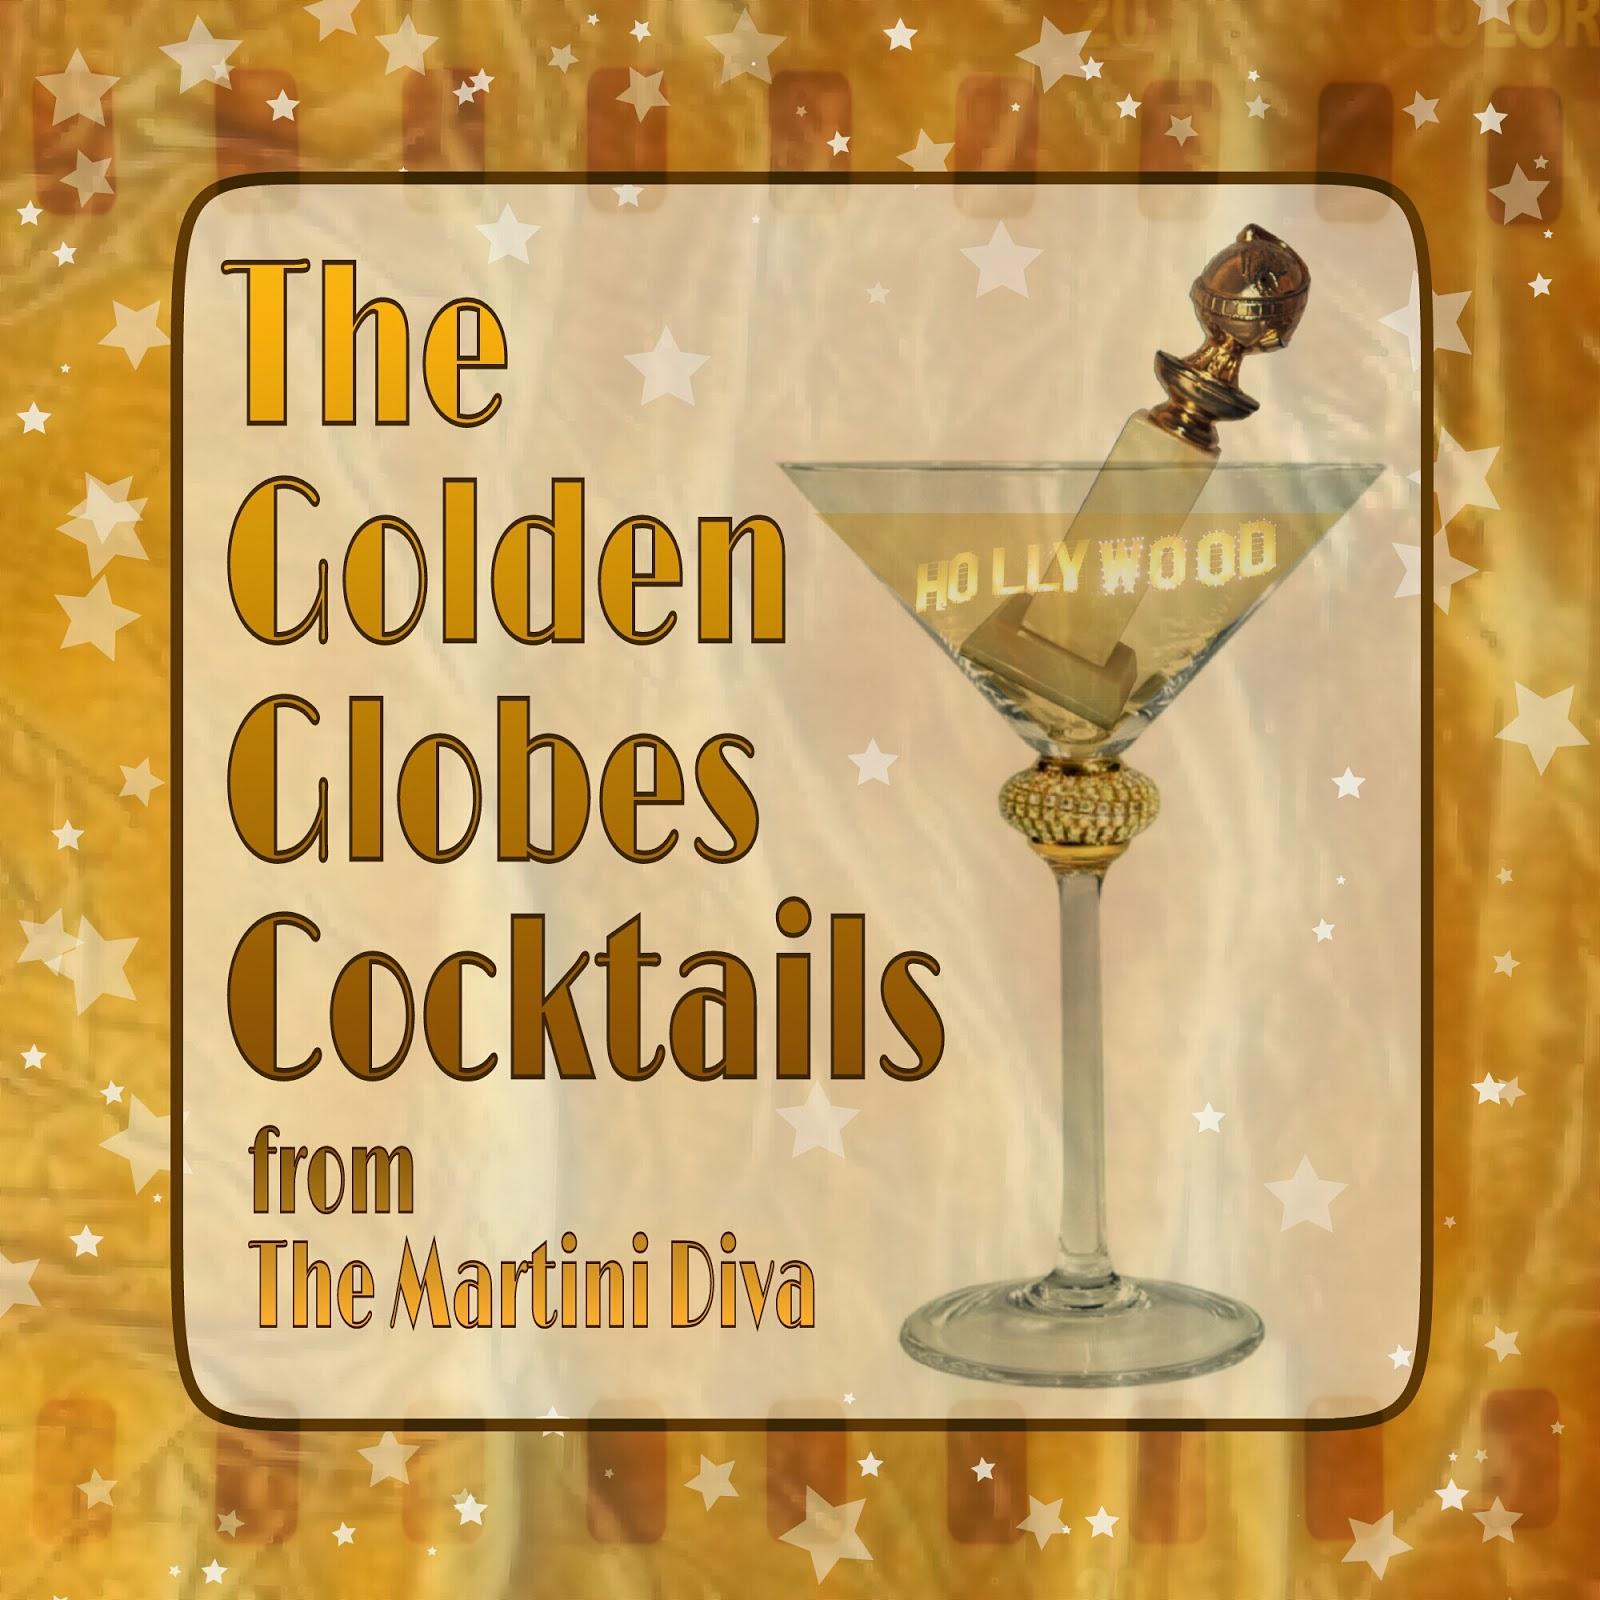 http://martinidiva.com